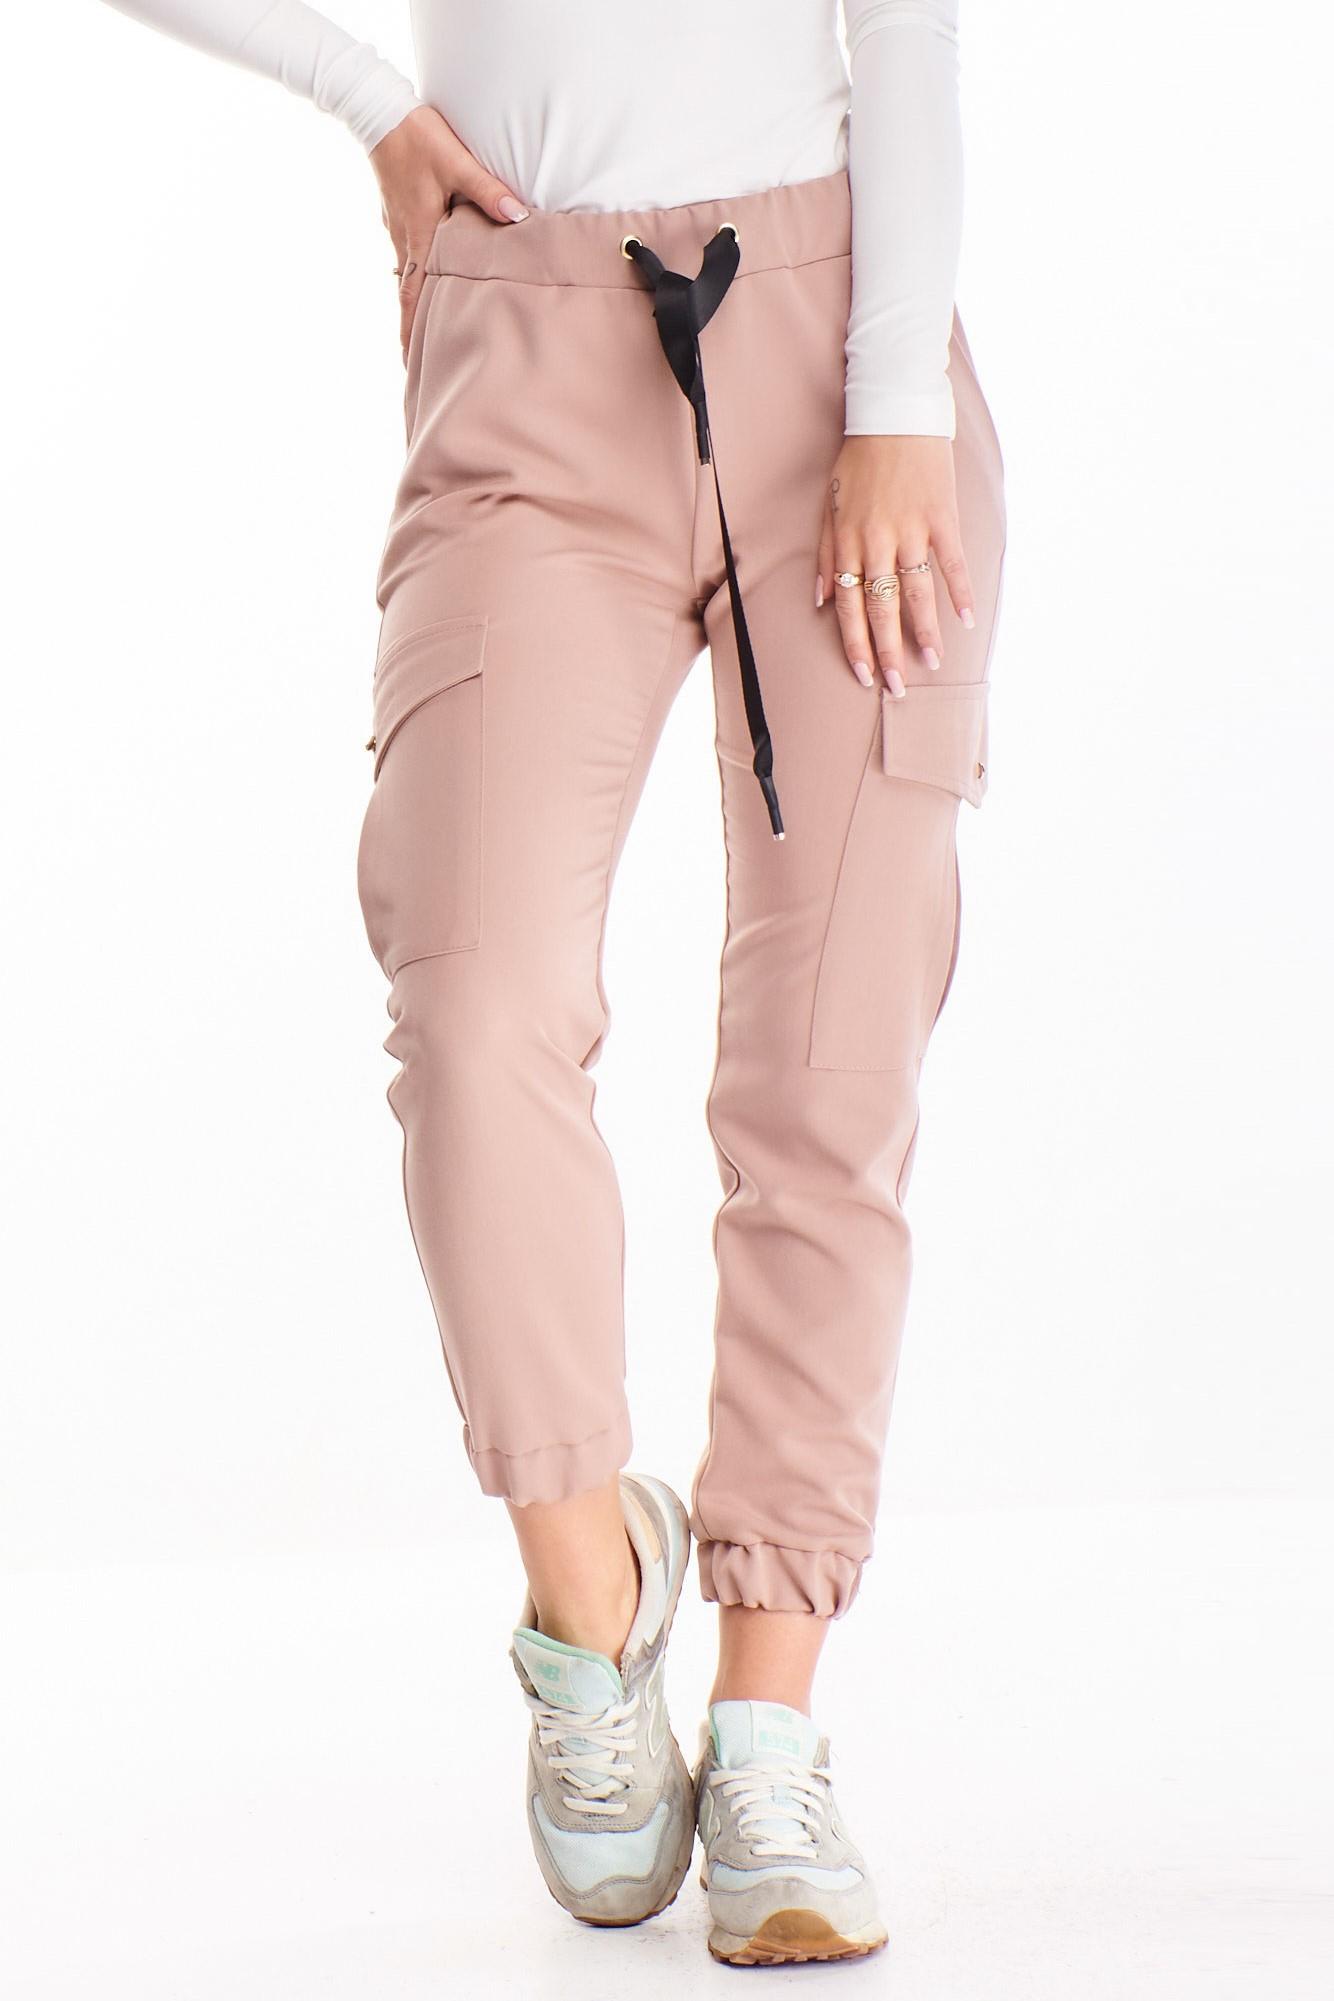 Dámske ružové nohavice s bočnými vreckami - 36